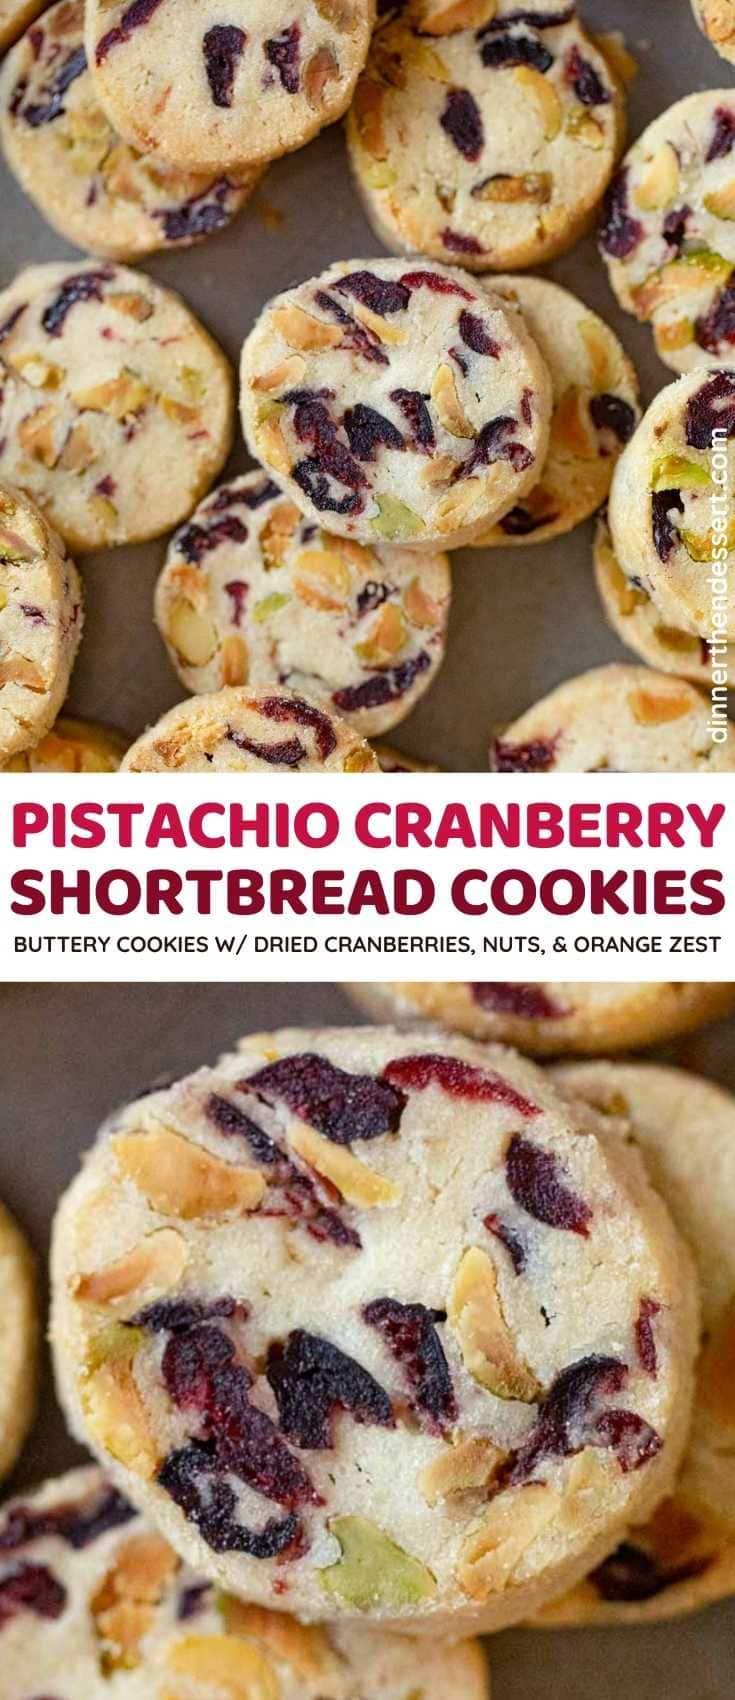 Pistachio Cranberry Shortbread Cookies collage